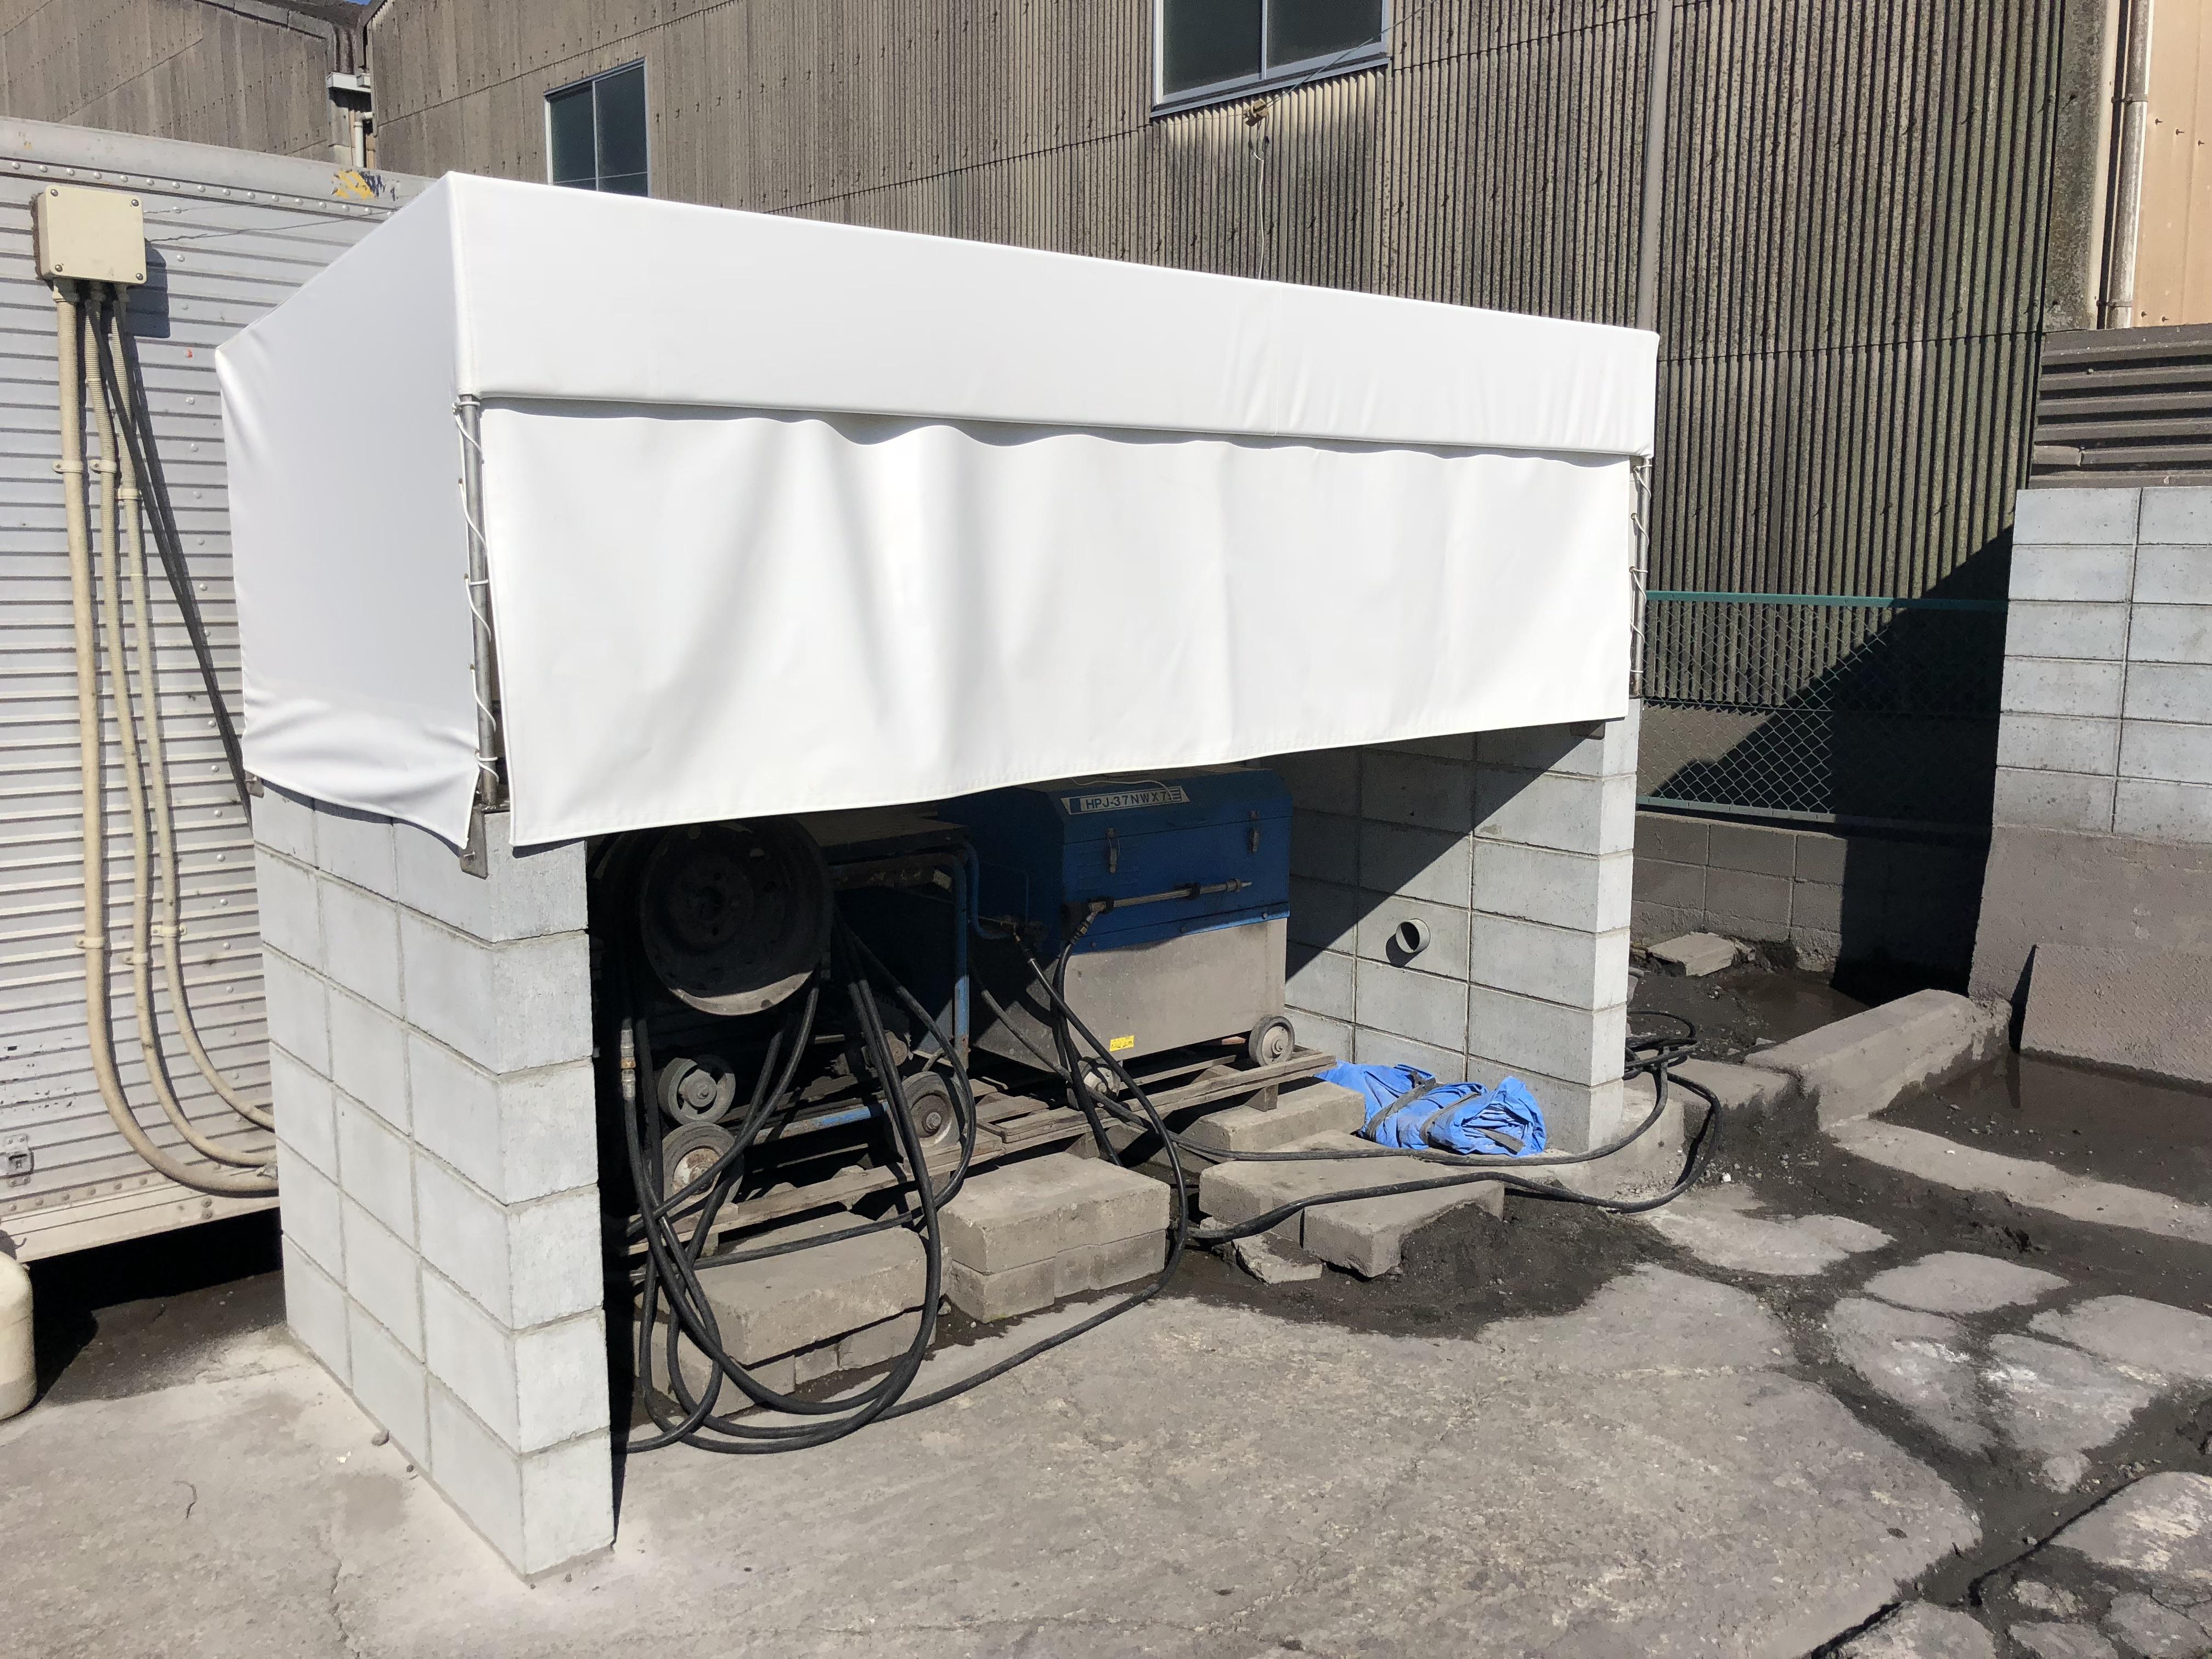 大分市 運送会社様 高圧洗浄機の雨避けテントを施工致しました。